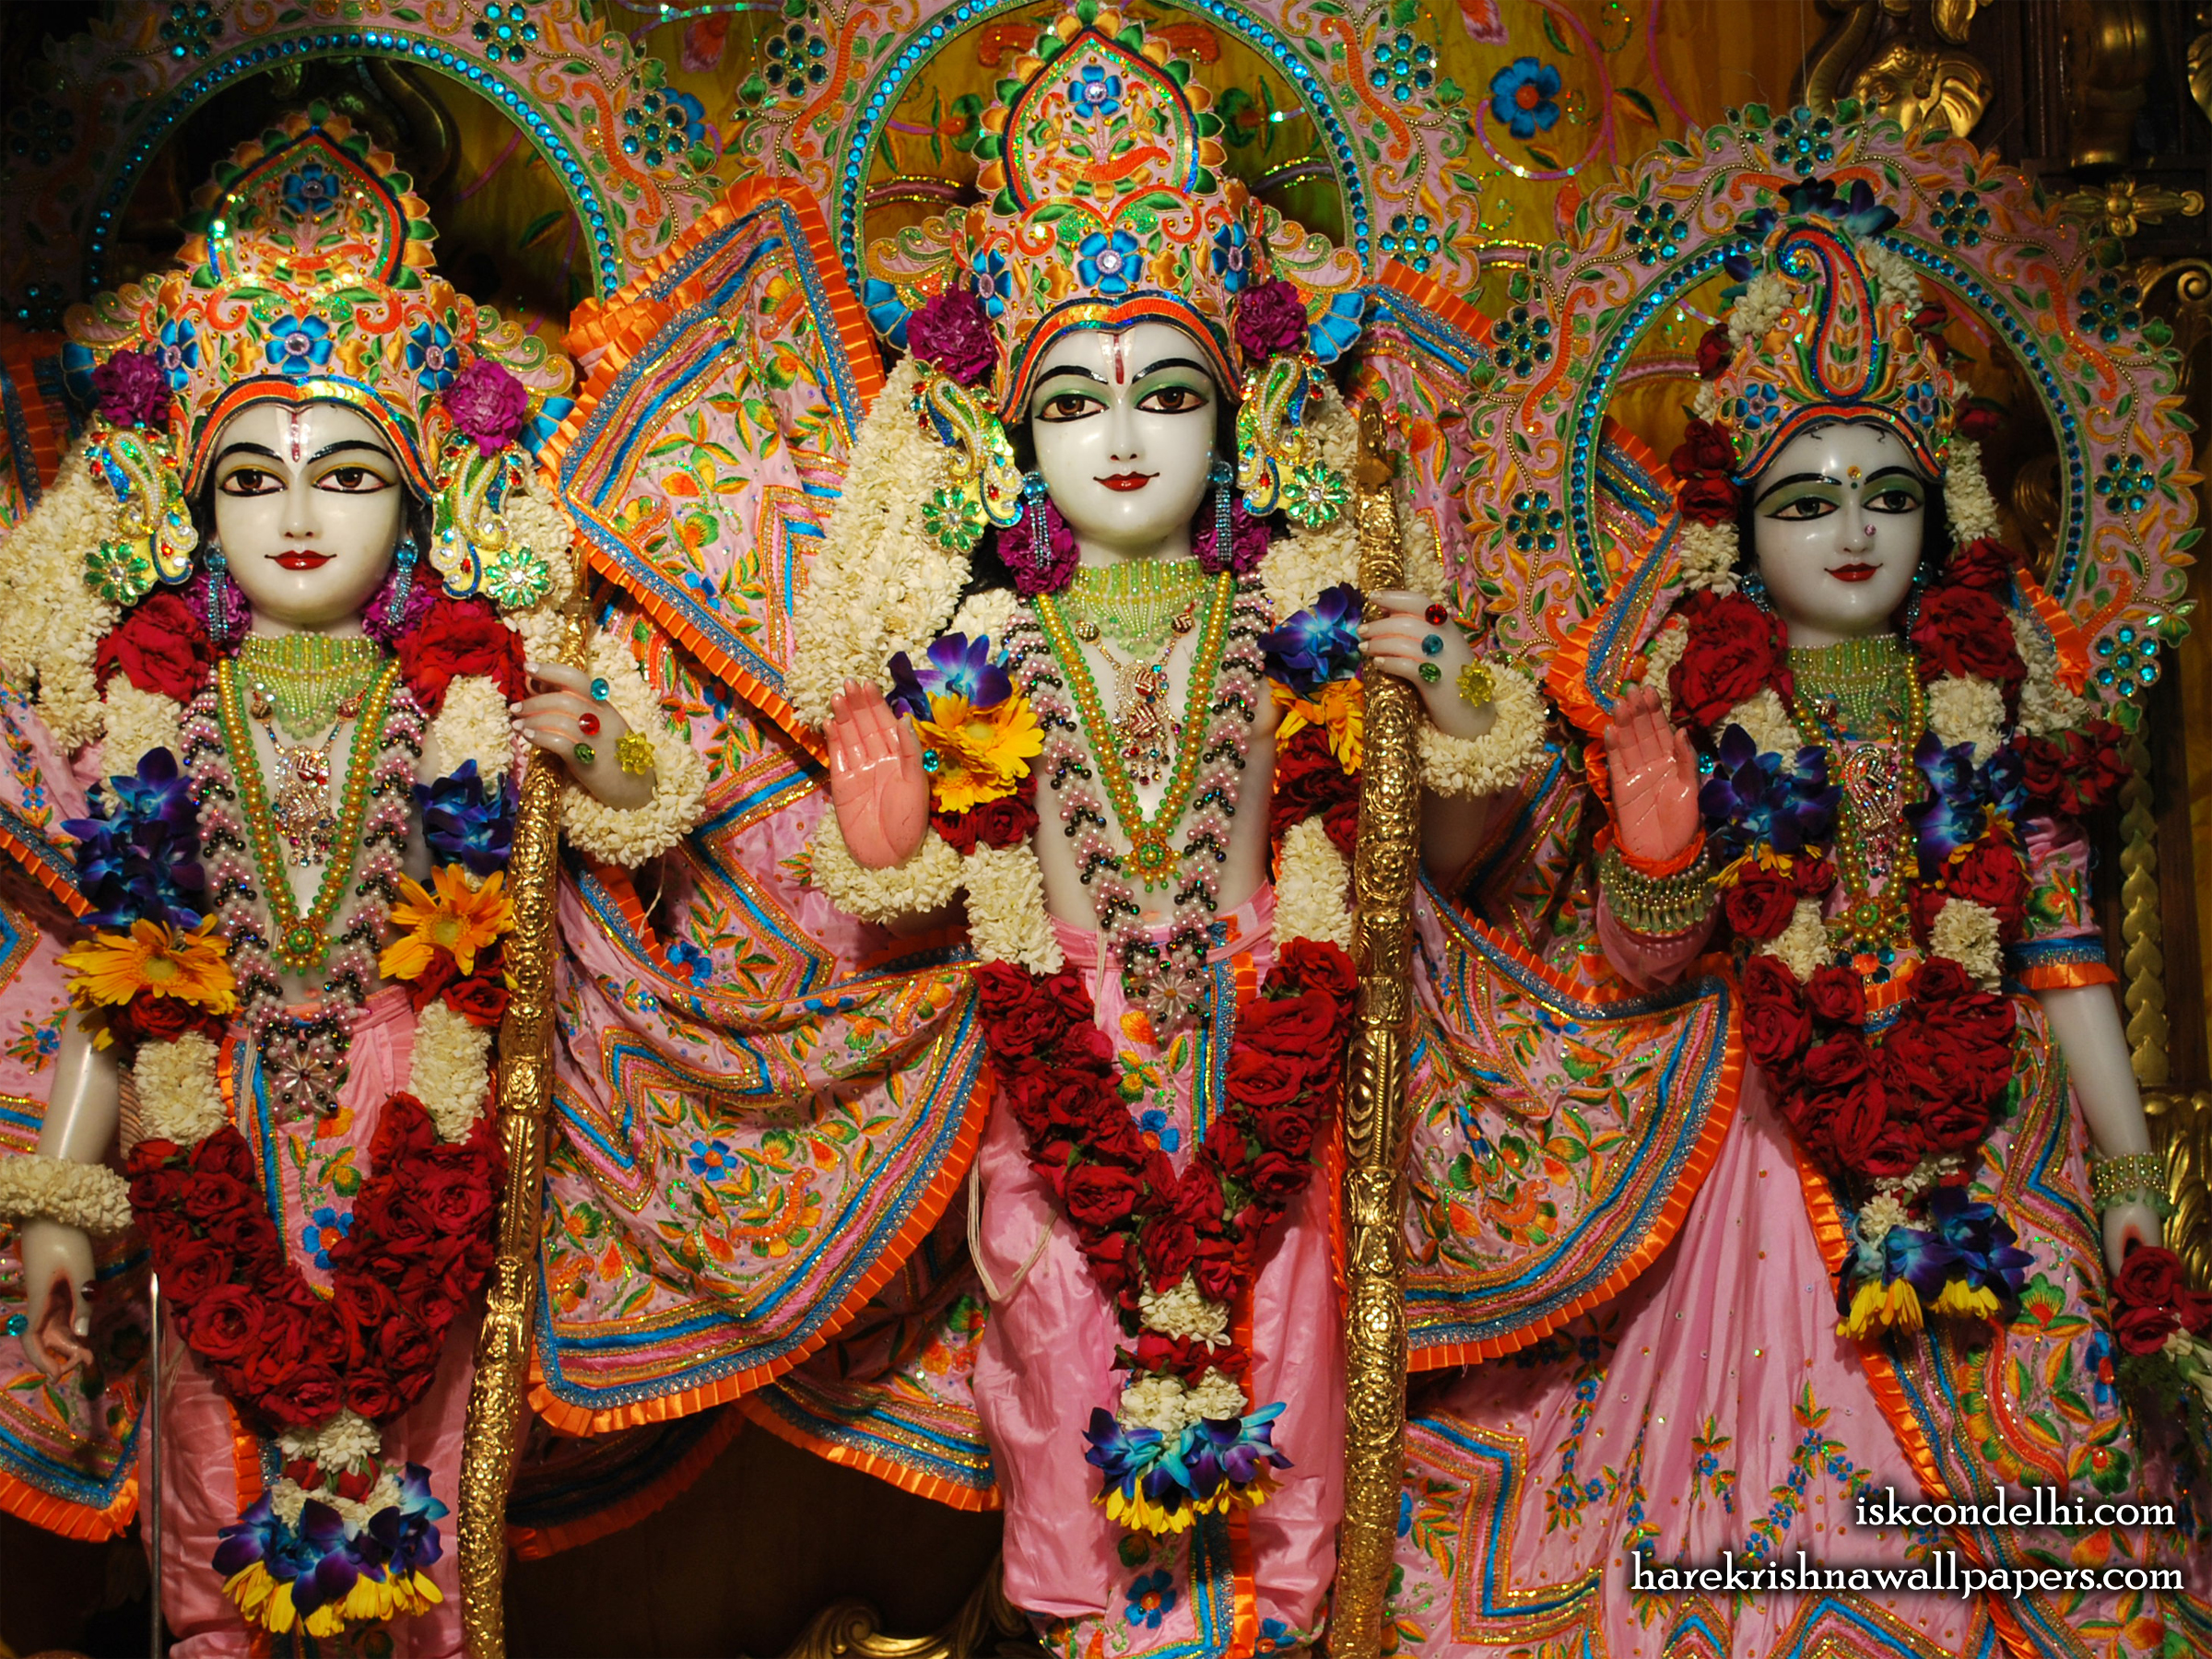 Sri Sri Sita Rama Laxman Wallpaper (001) Size 2400x1800 Download